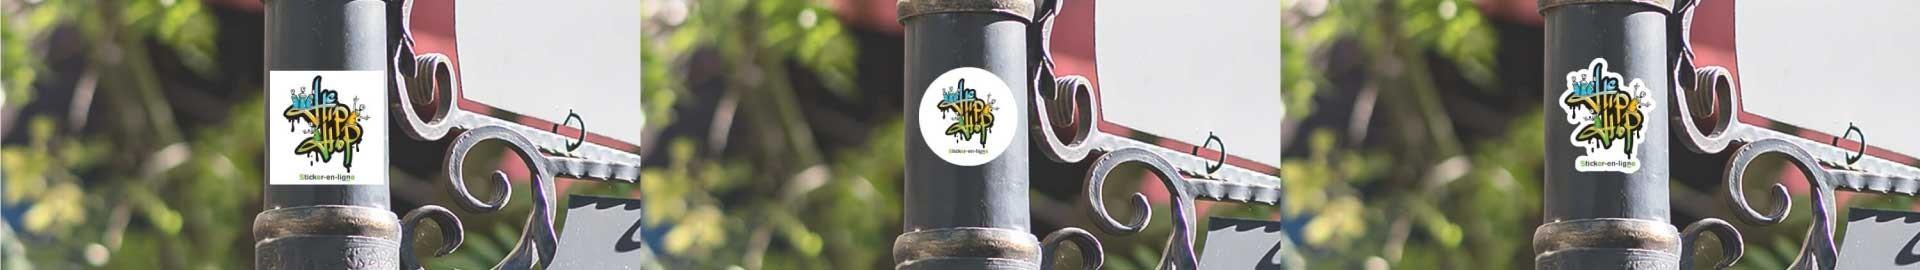 Imprimeur stickers autocollant vinyle pas cher Impression personnalisée